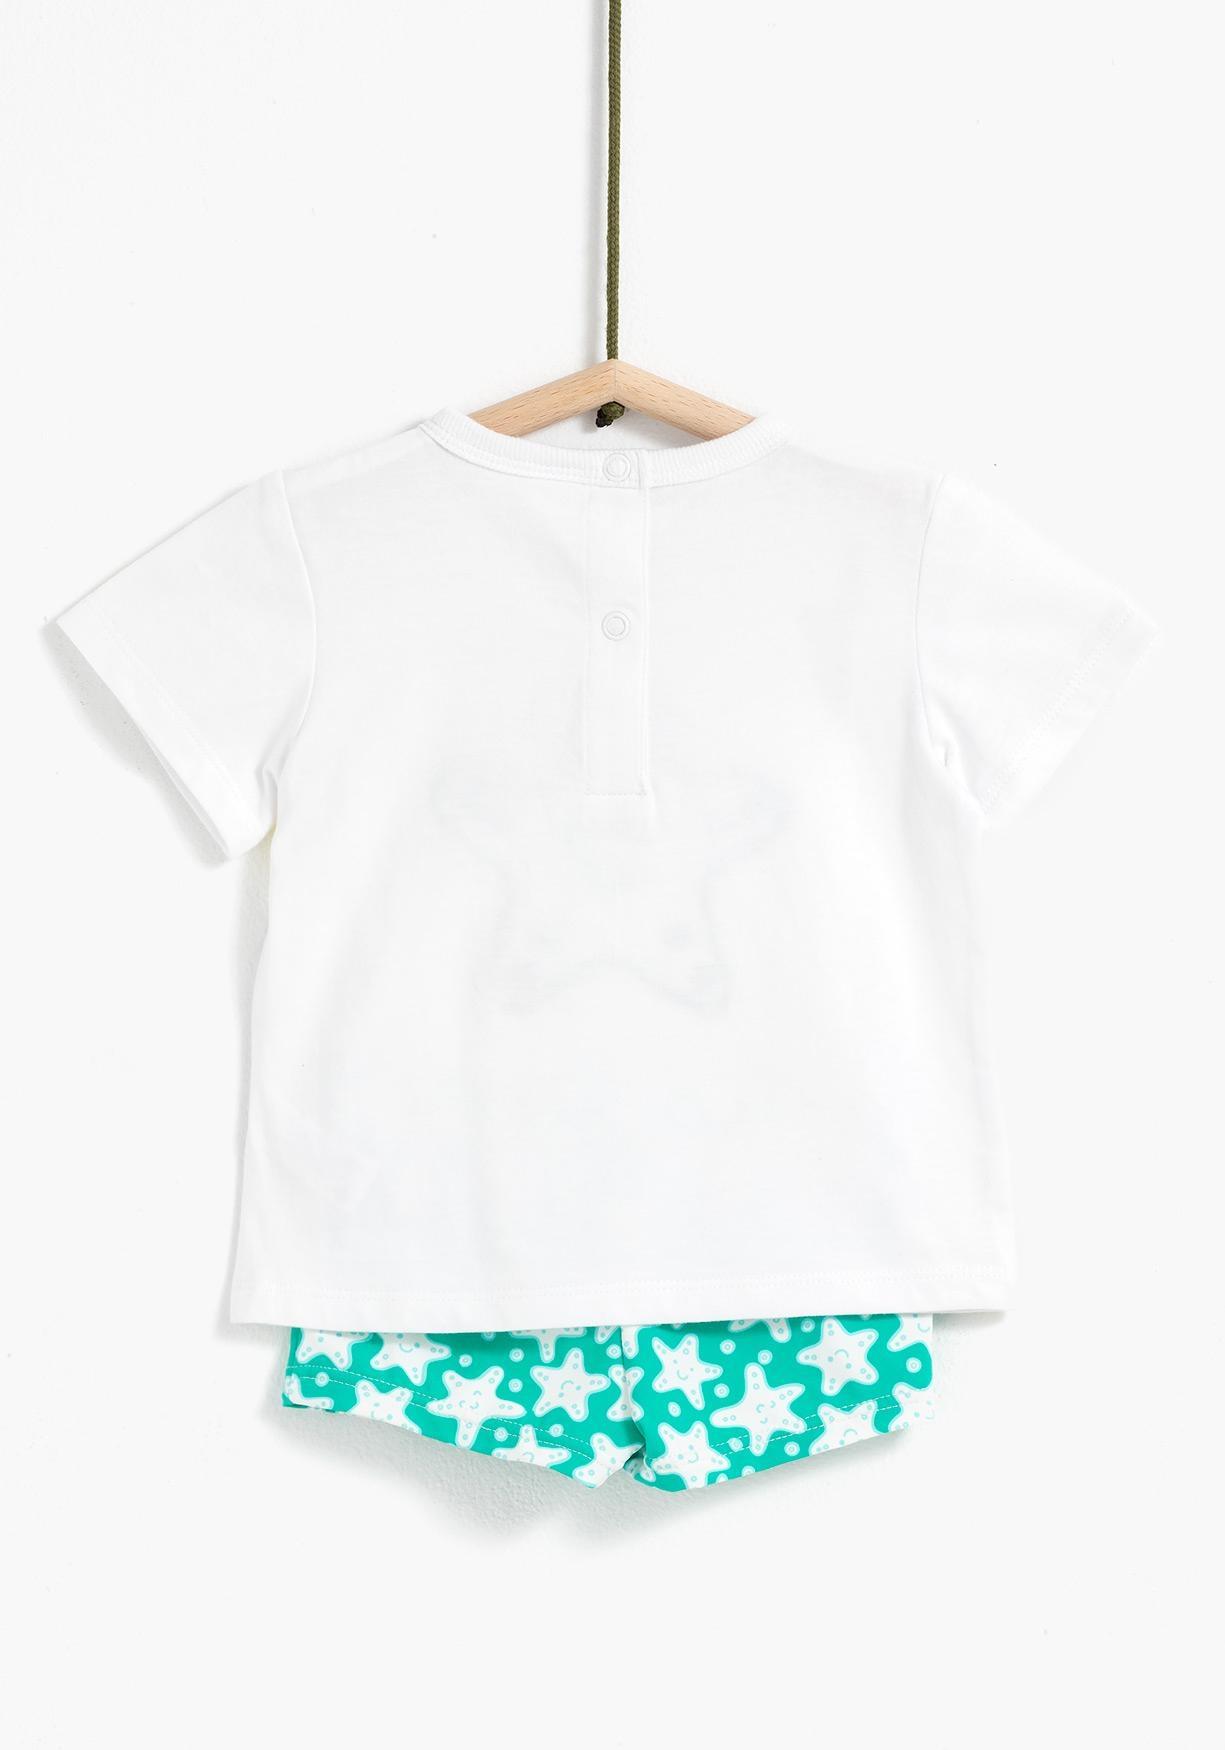 ef089ec96 Comprar Conjunto camiseta y bañador TEX. ¡Aprovéchate de nuestros ...